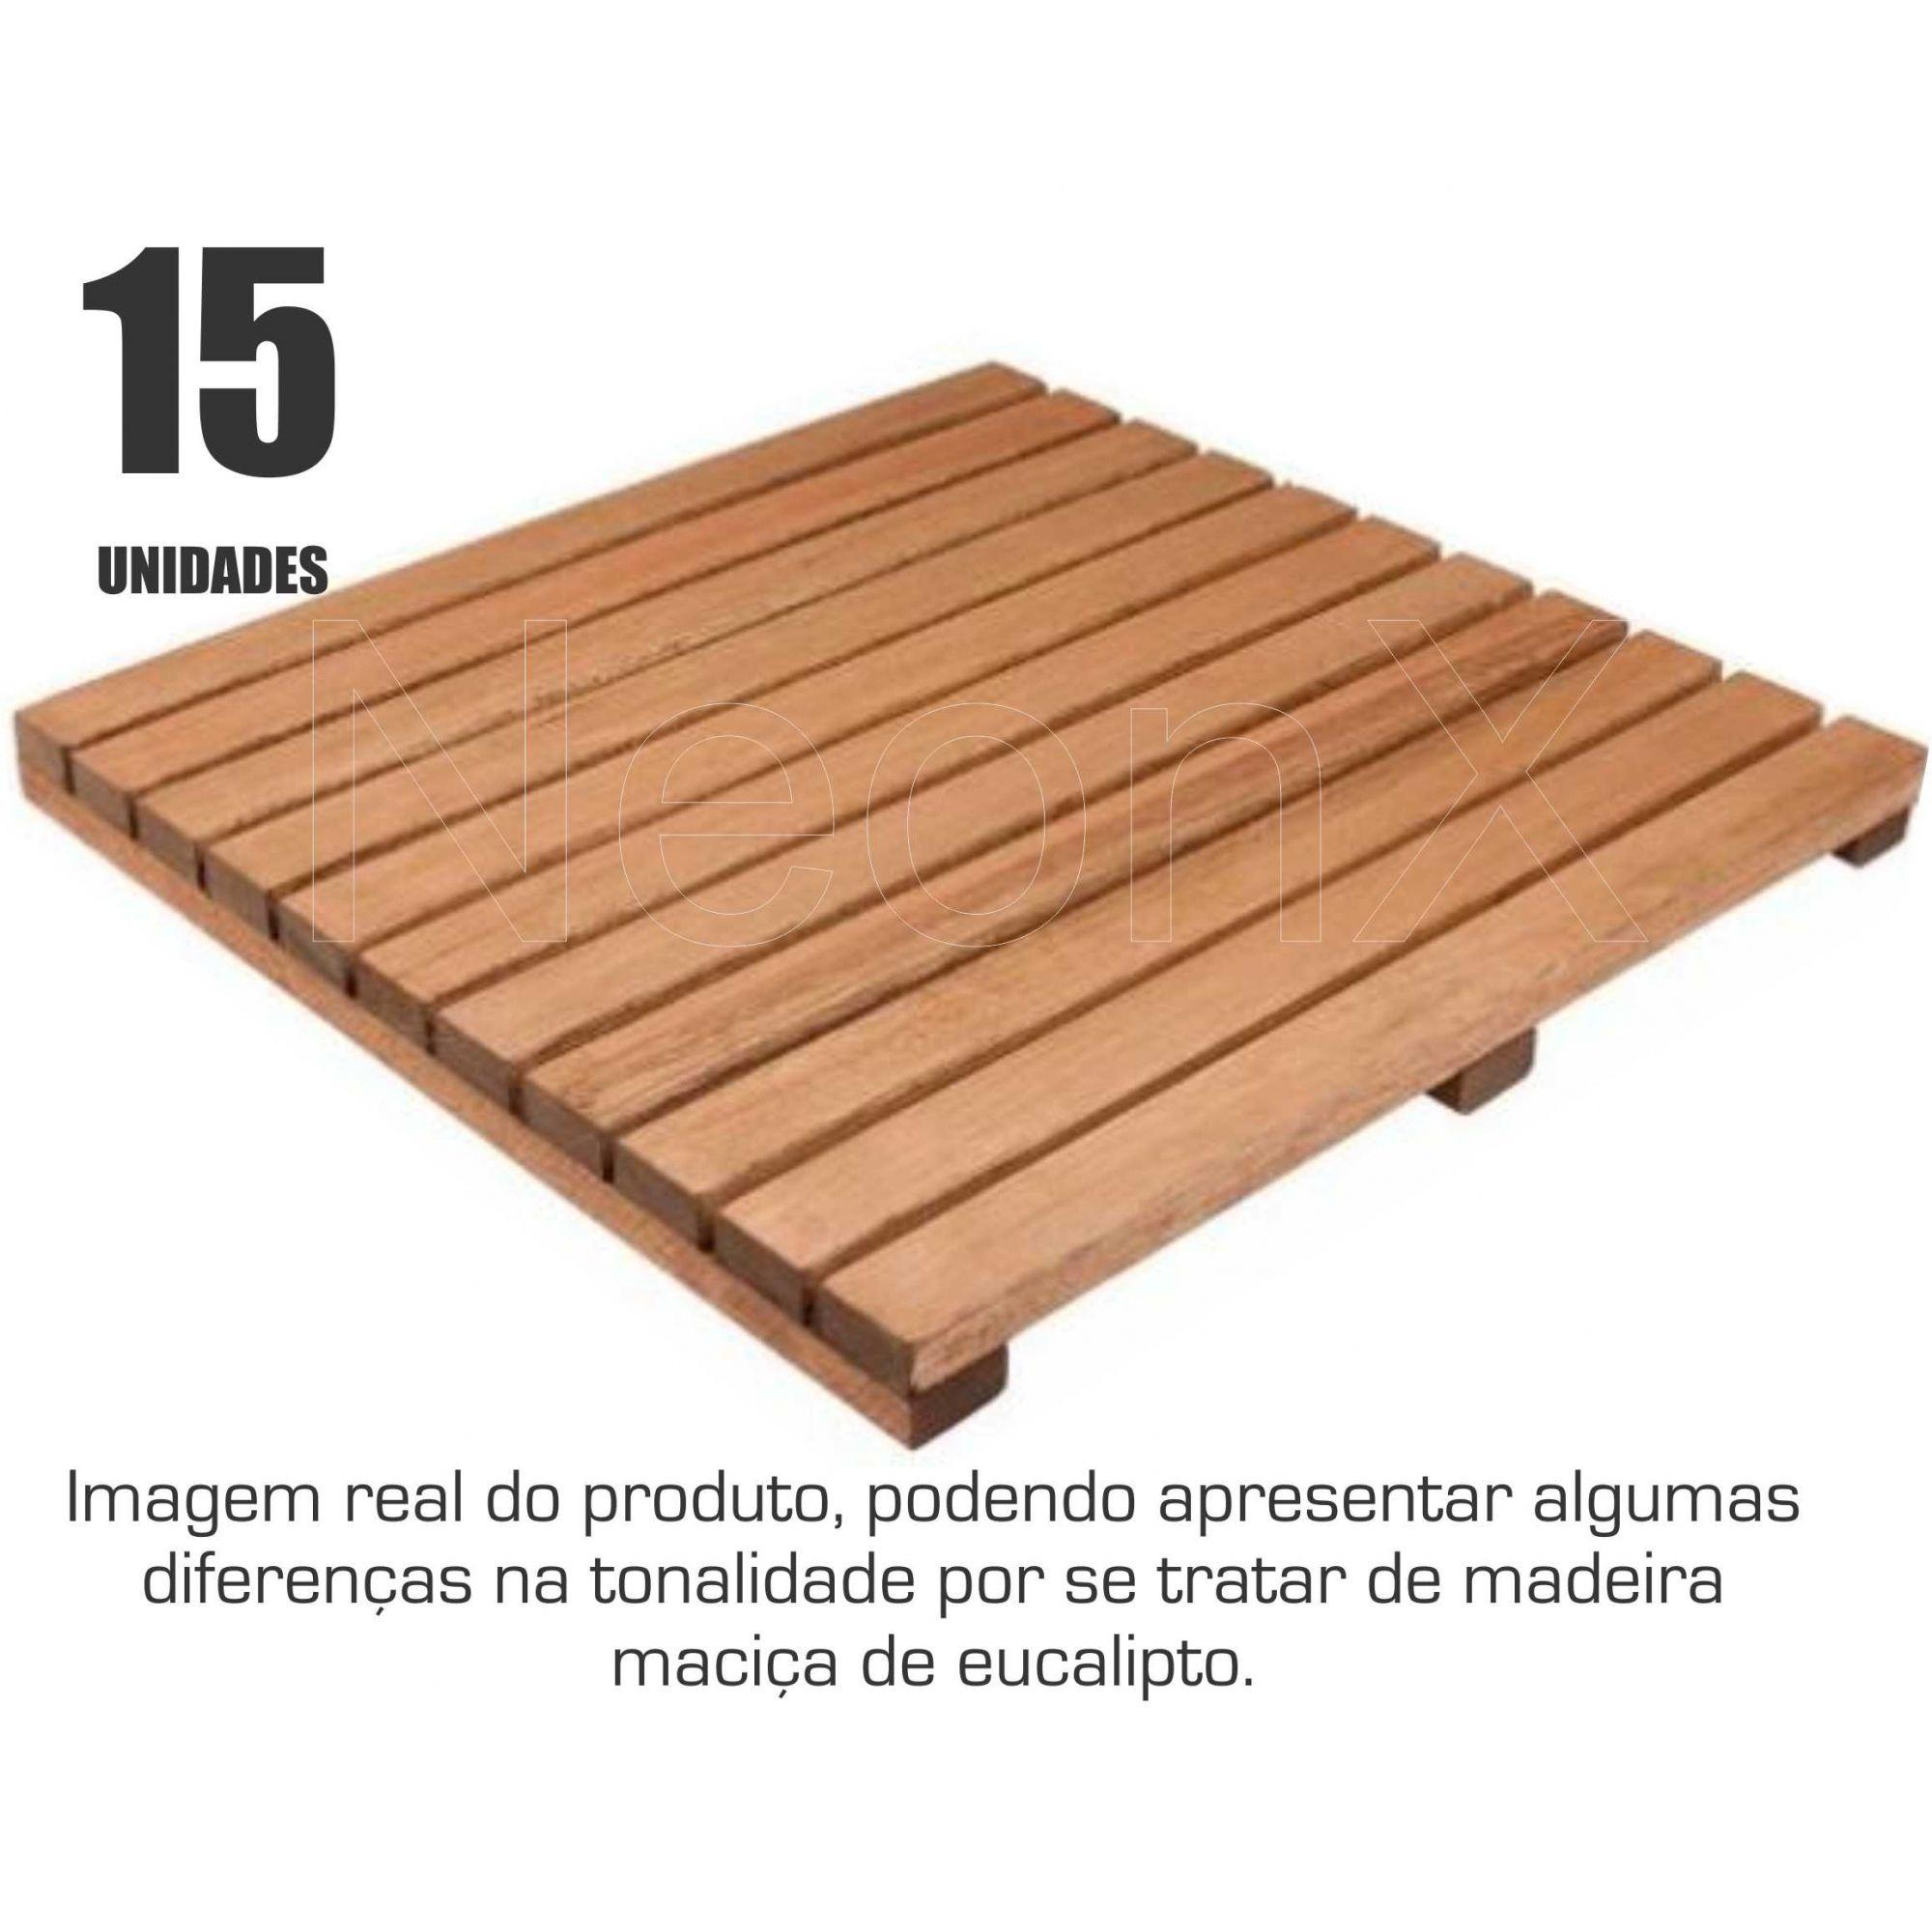 15 Un. Deck De Madeira Modular Base 50x50 Cm Acabamento Lixado Neonx